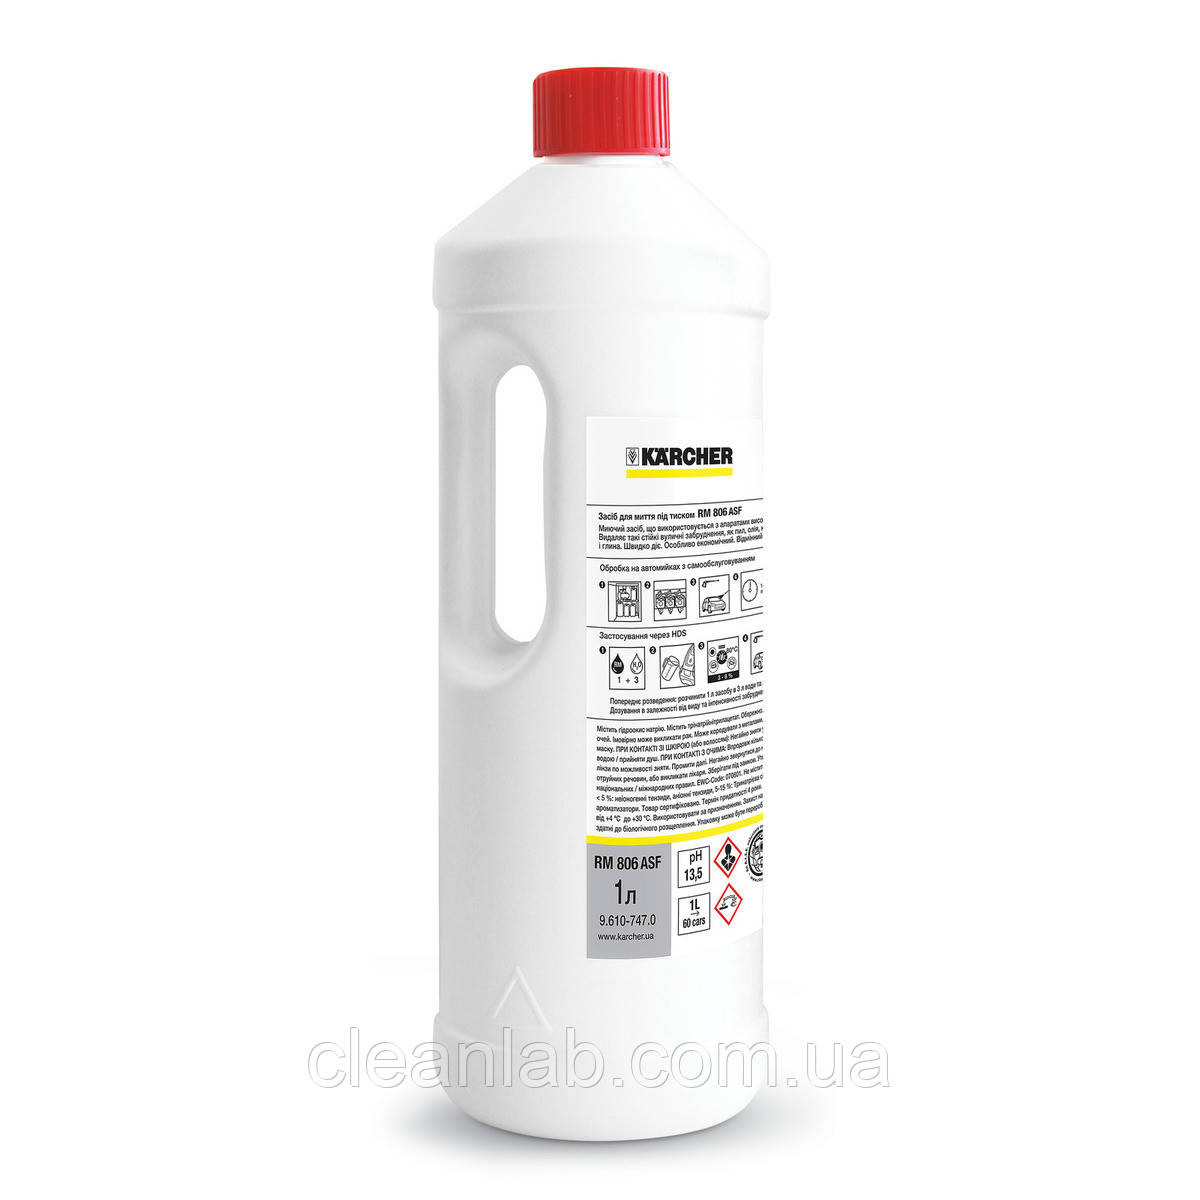 Средство для пенной очистки для аппаратов высокого давления Karcher RM 806, 1 л